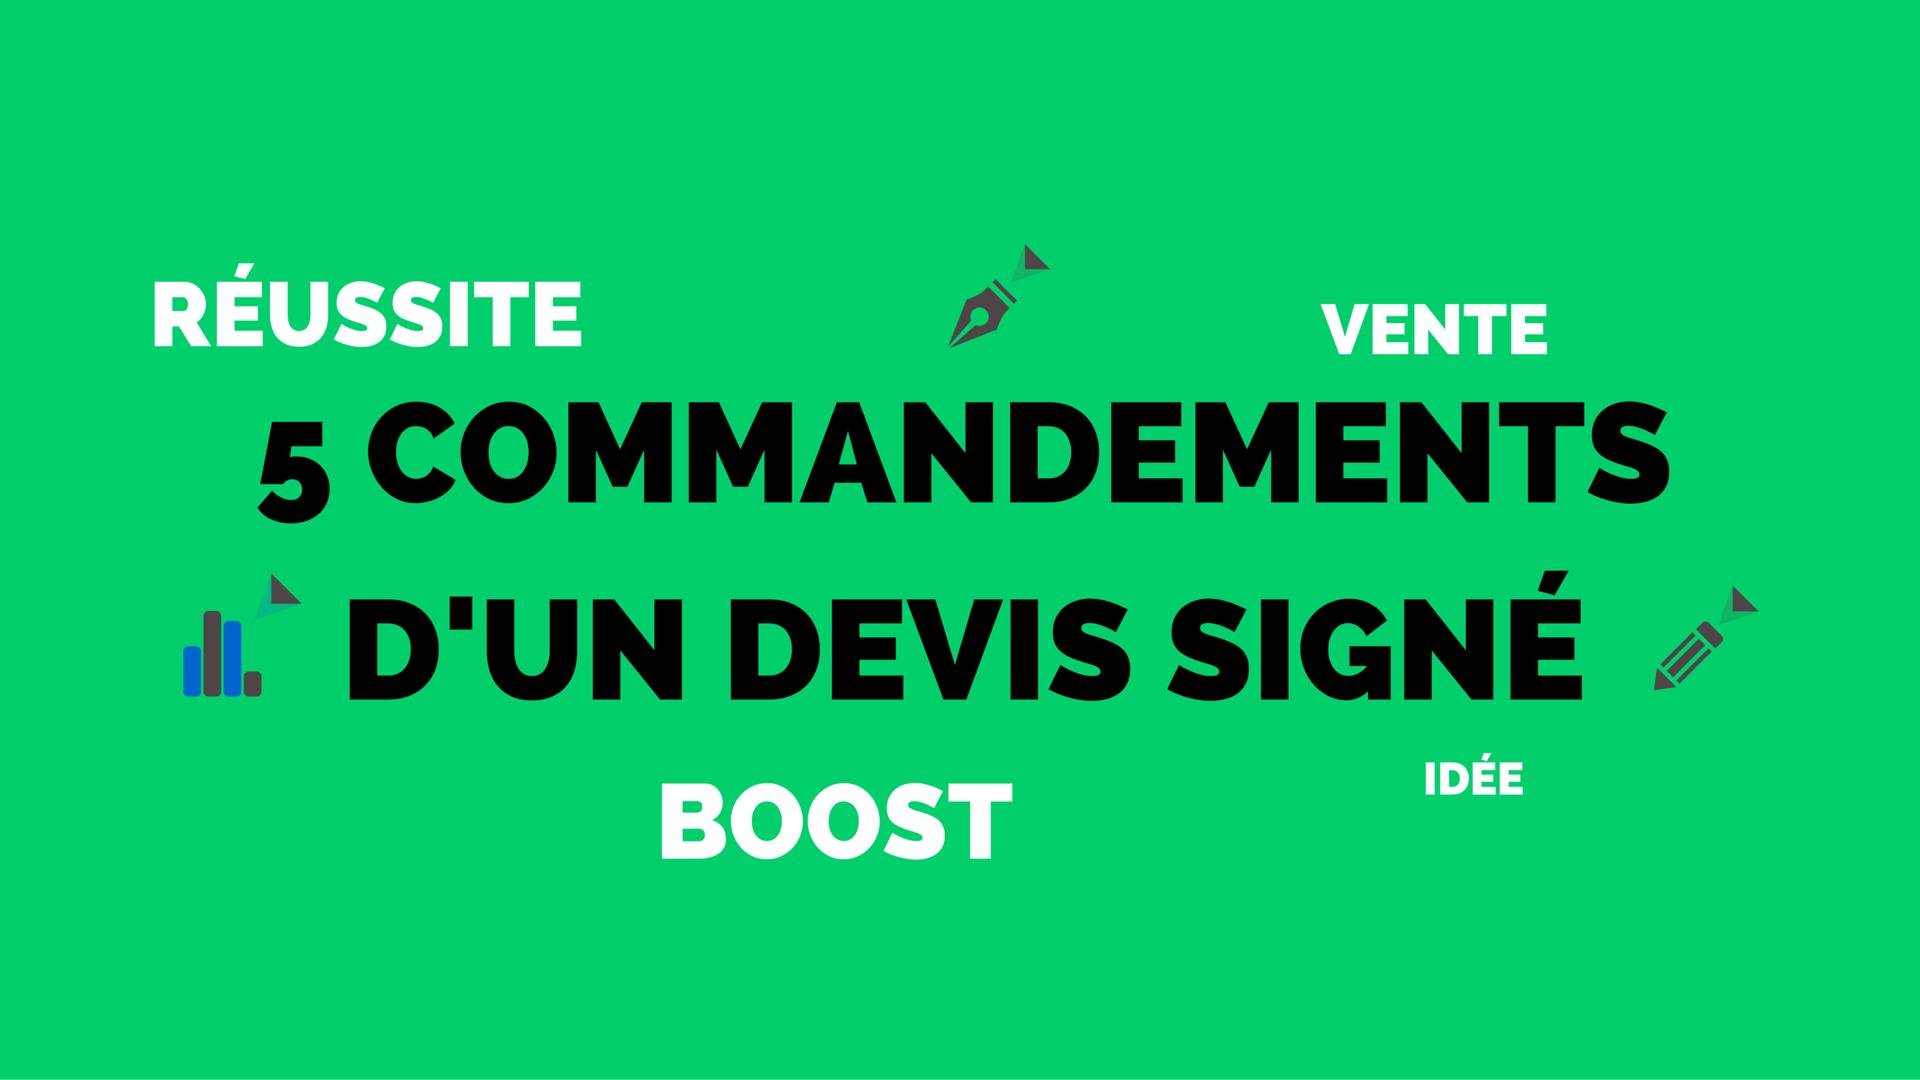 5-commandements-dun-devis-signé